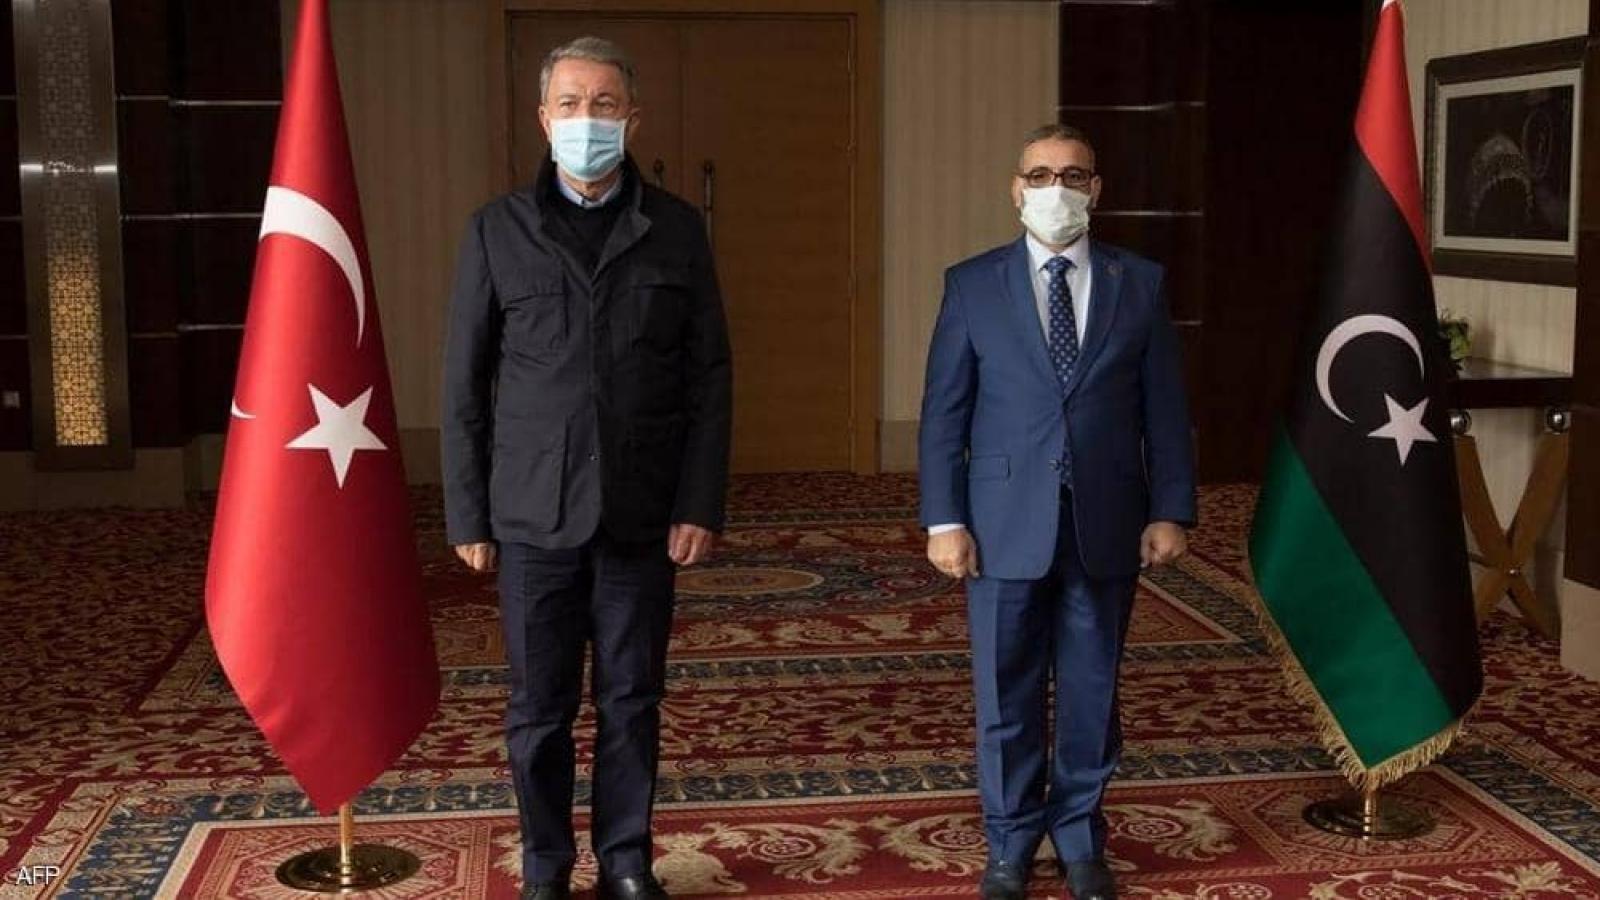 Bộ trưởng Quốc phòng Thổ Nhĩ Kỳ bất ngờ thăm Libya